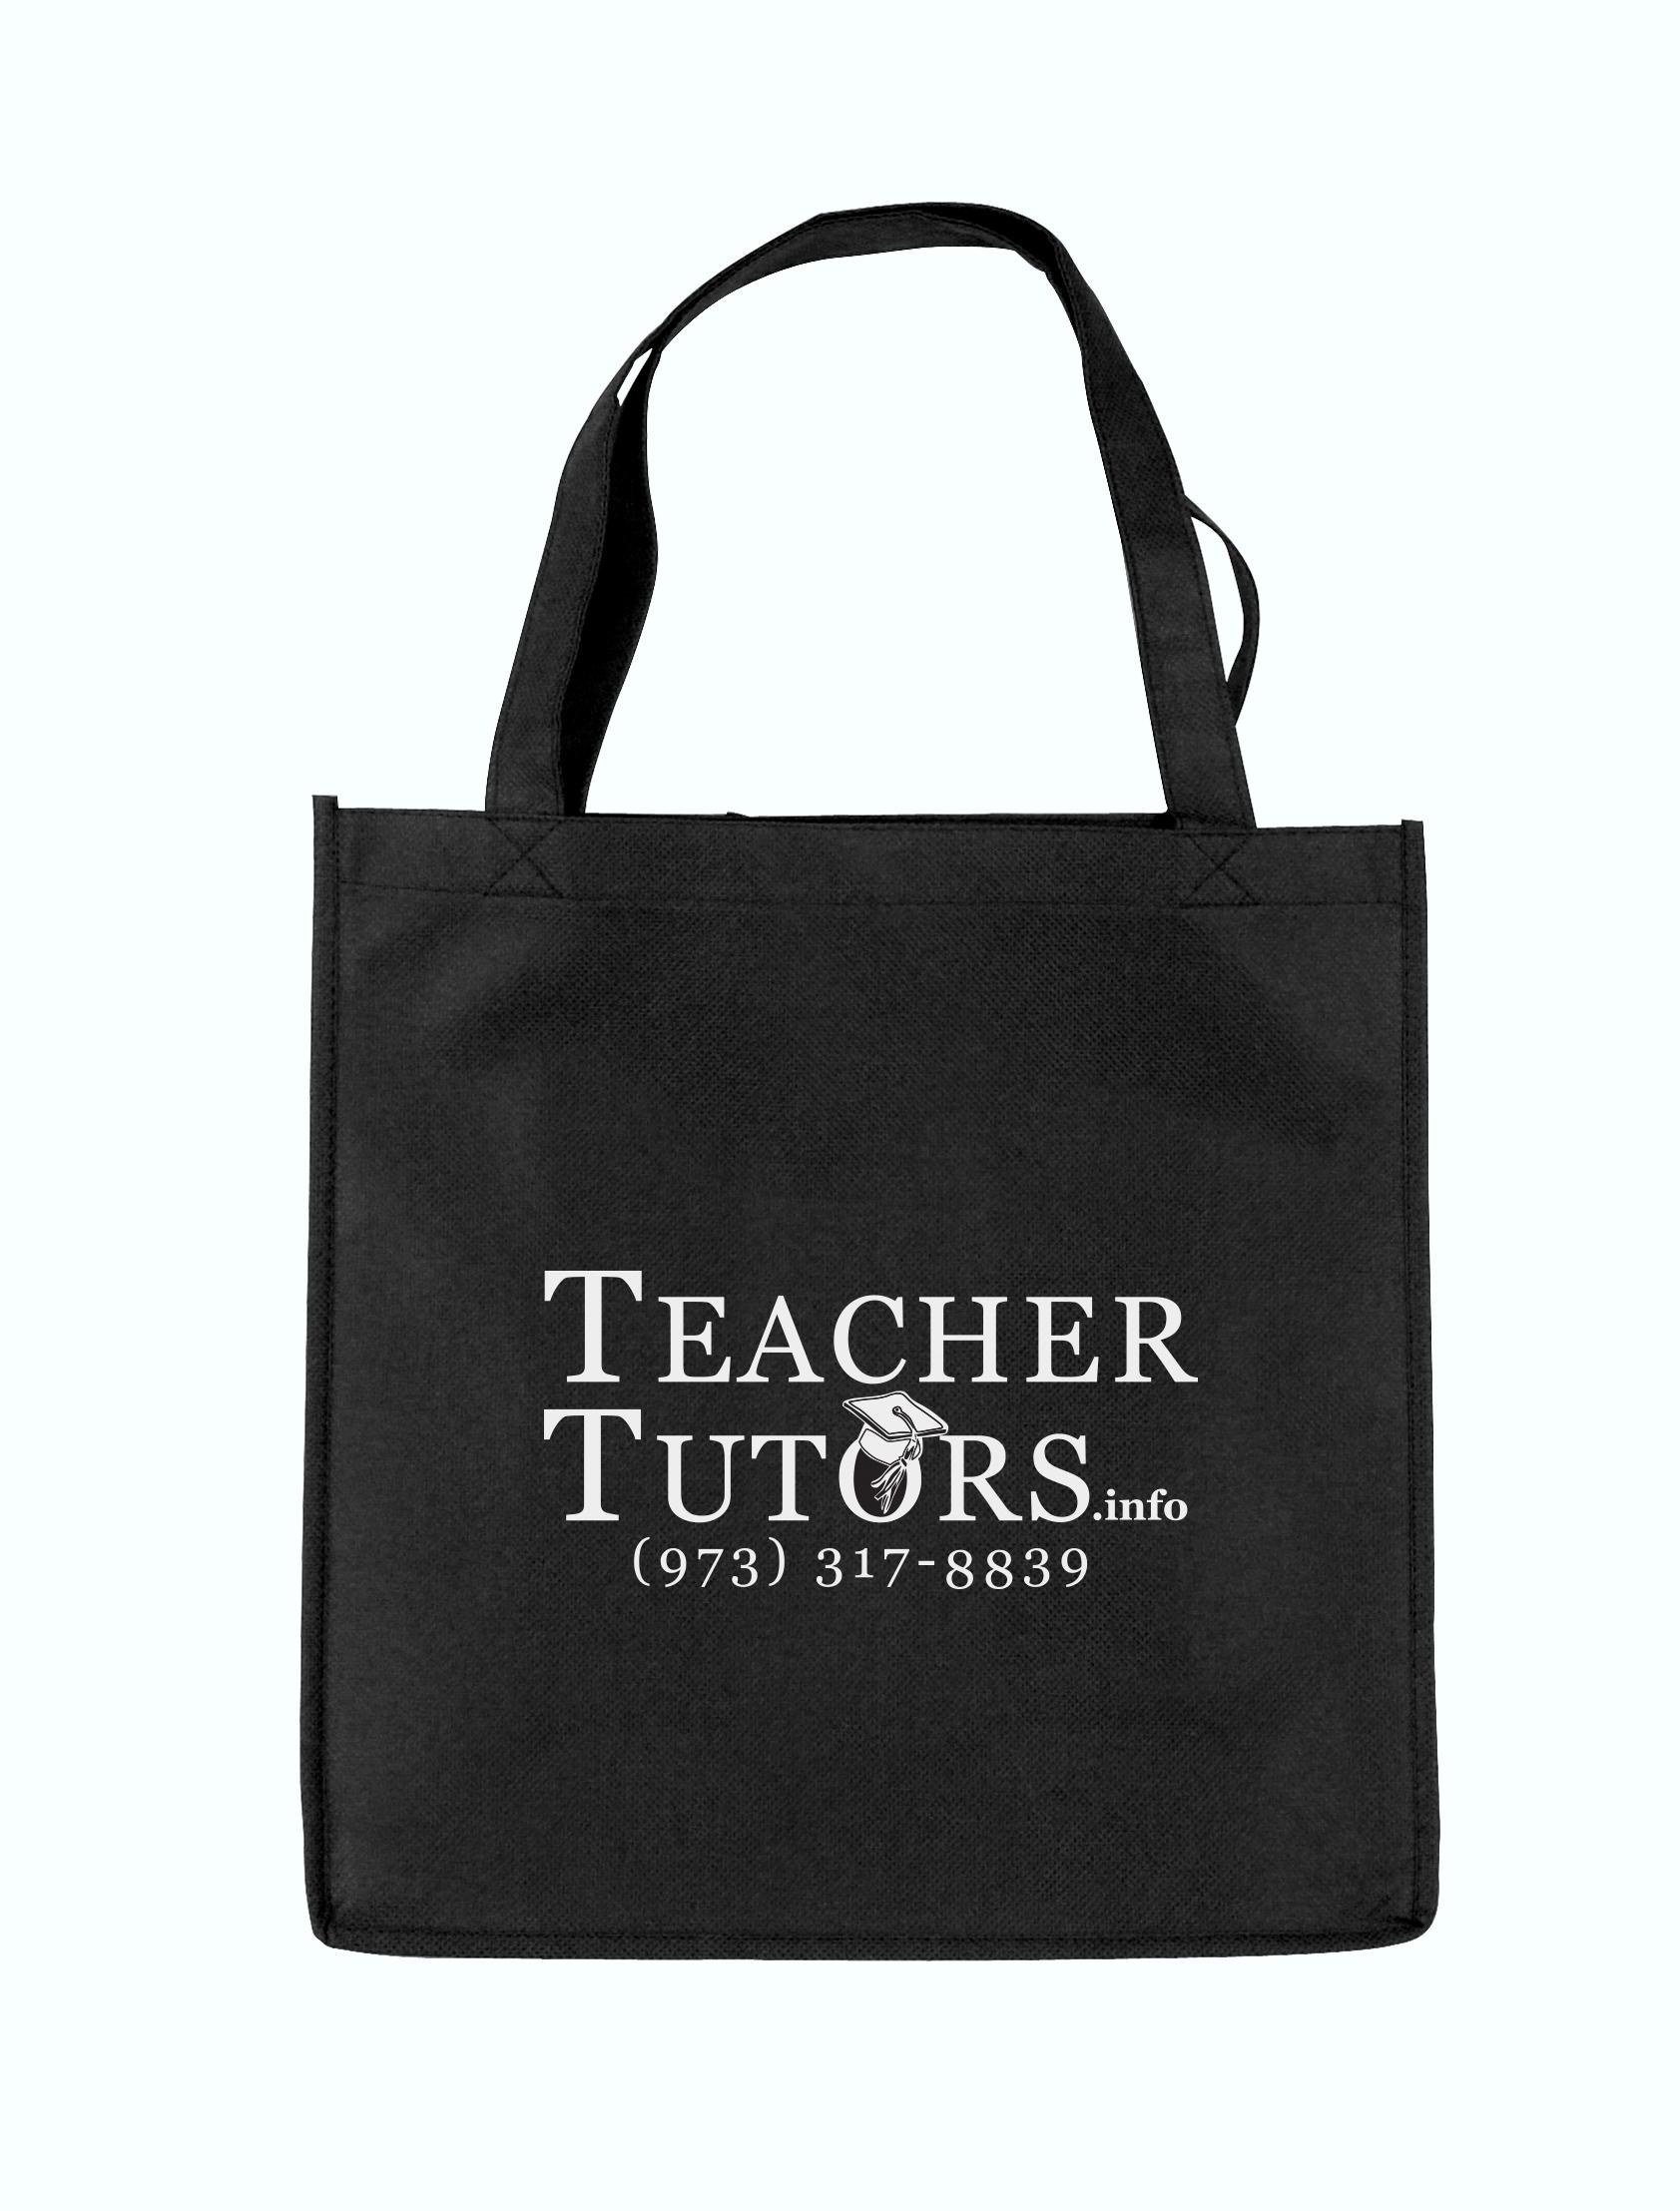 ADLIPPS B130 TEACHER BLACK WHITE 092815.jpg